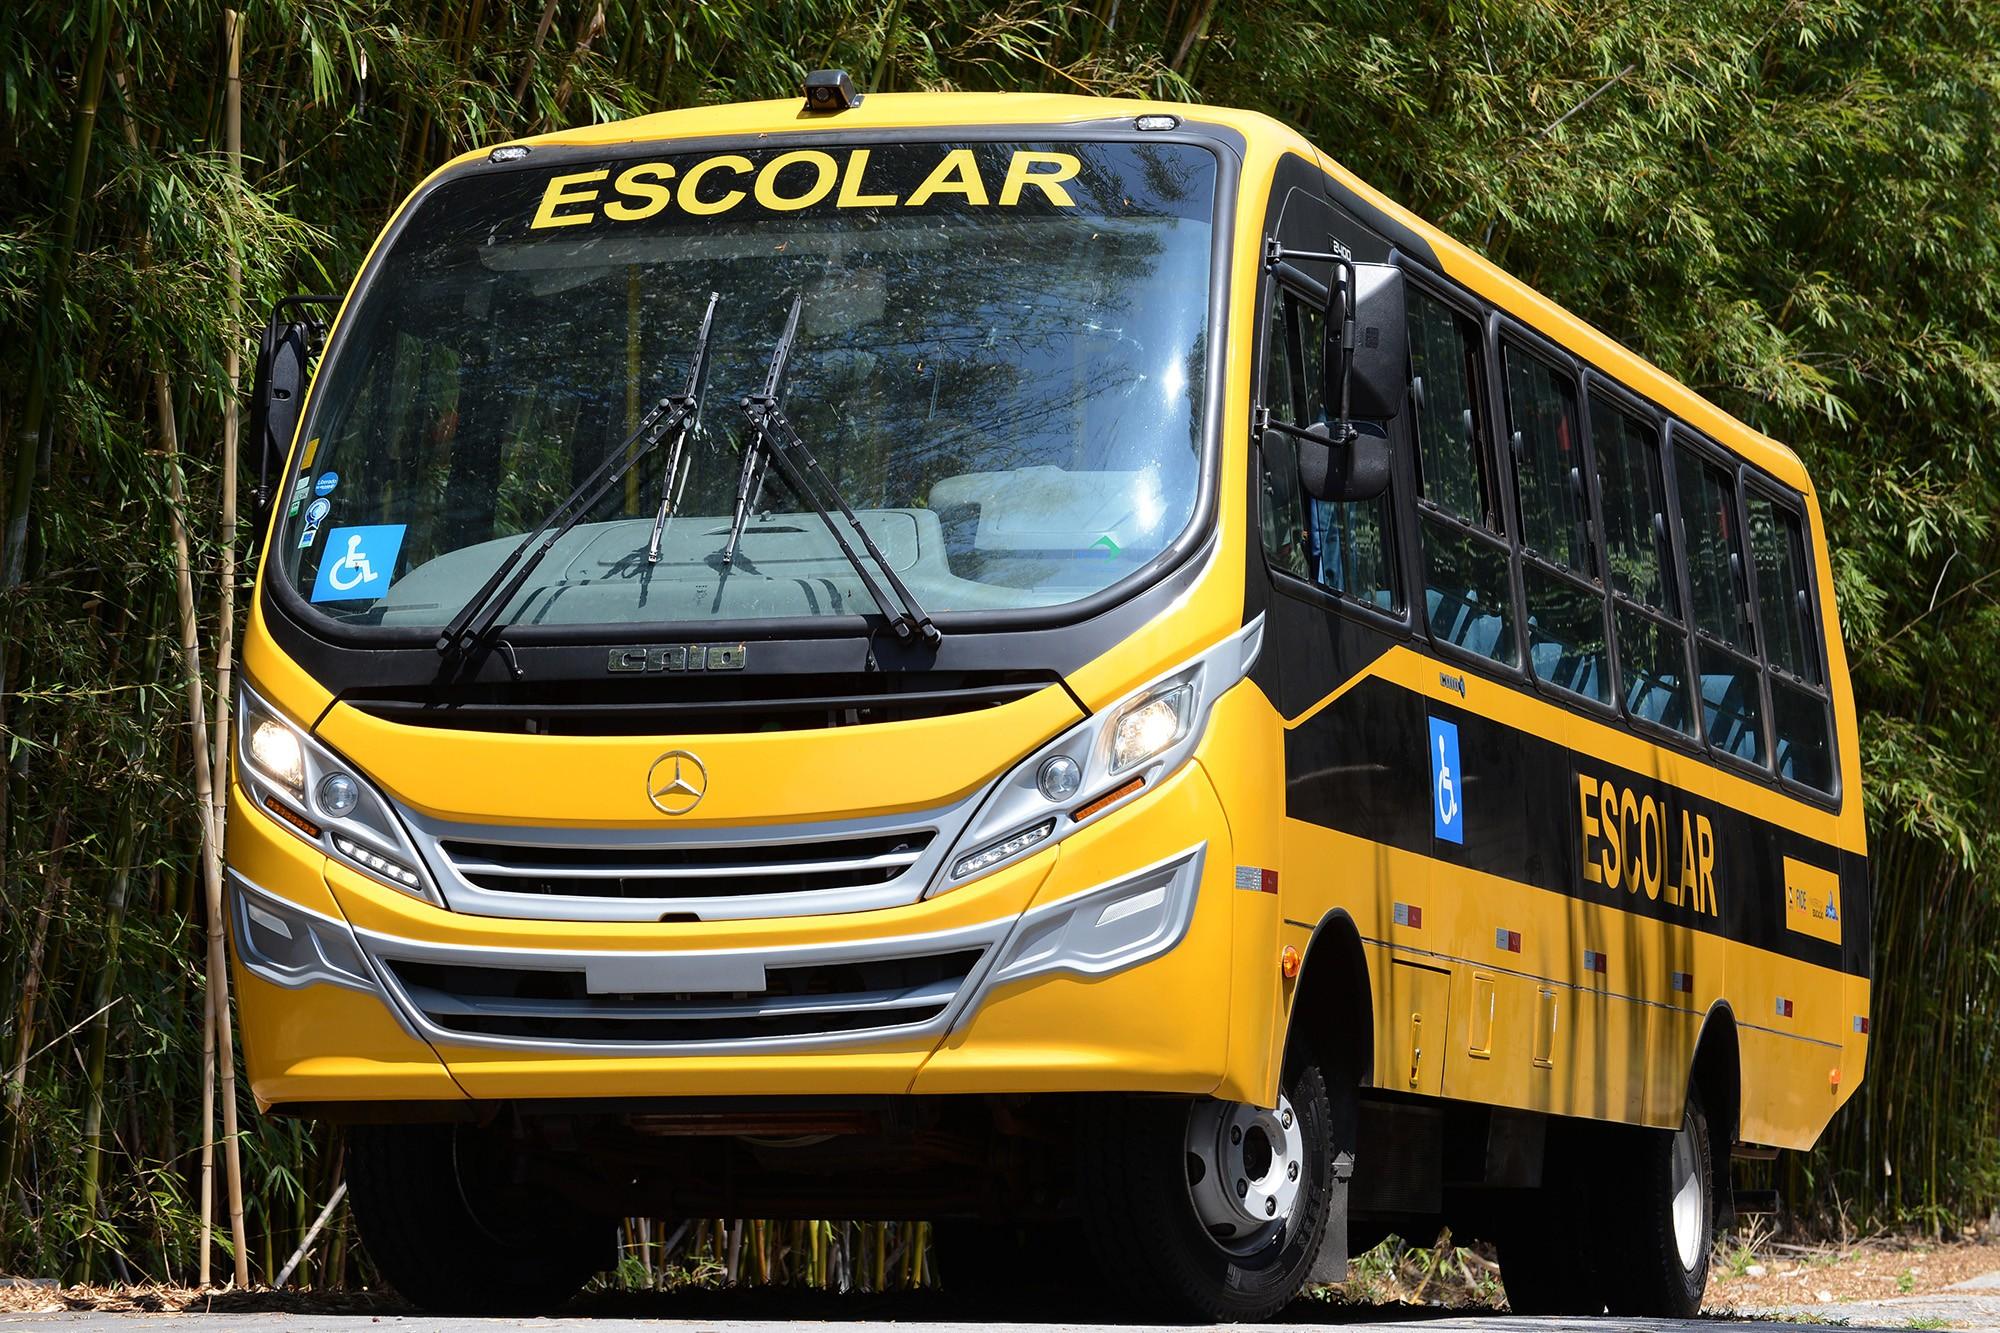 DF e empresa de transporte terão que indenizar aluno que sofreu queda em ônibus escolar